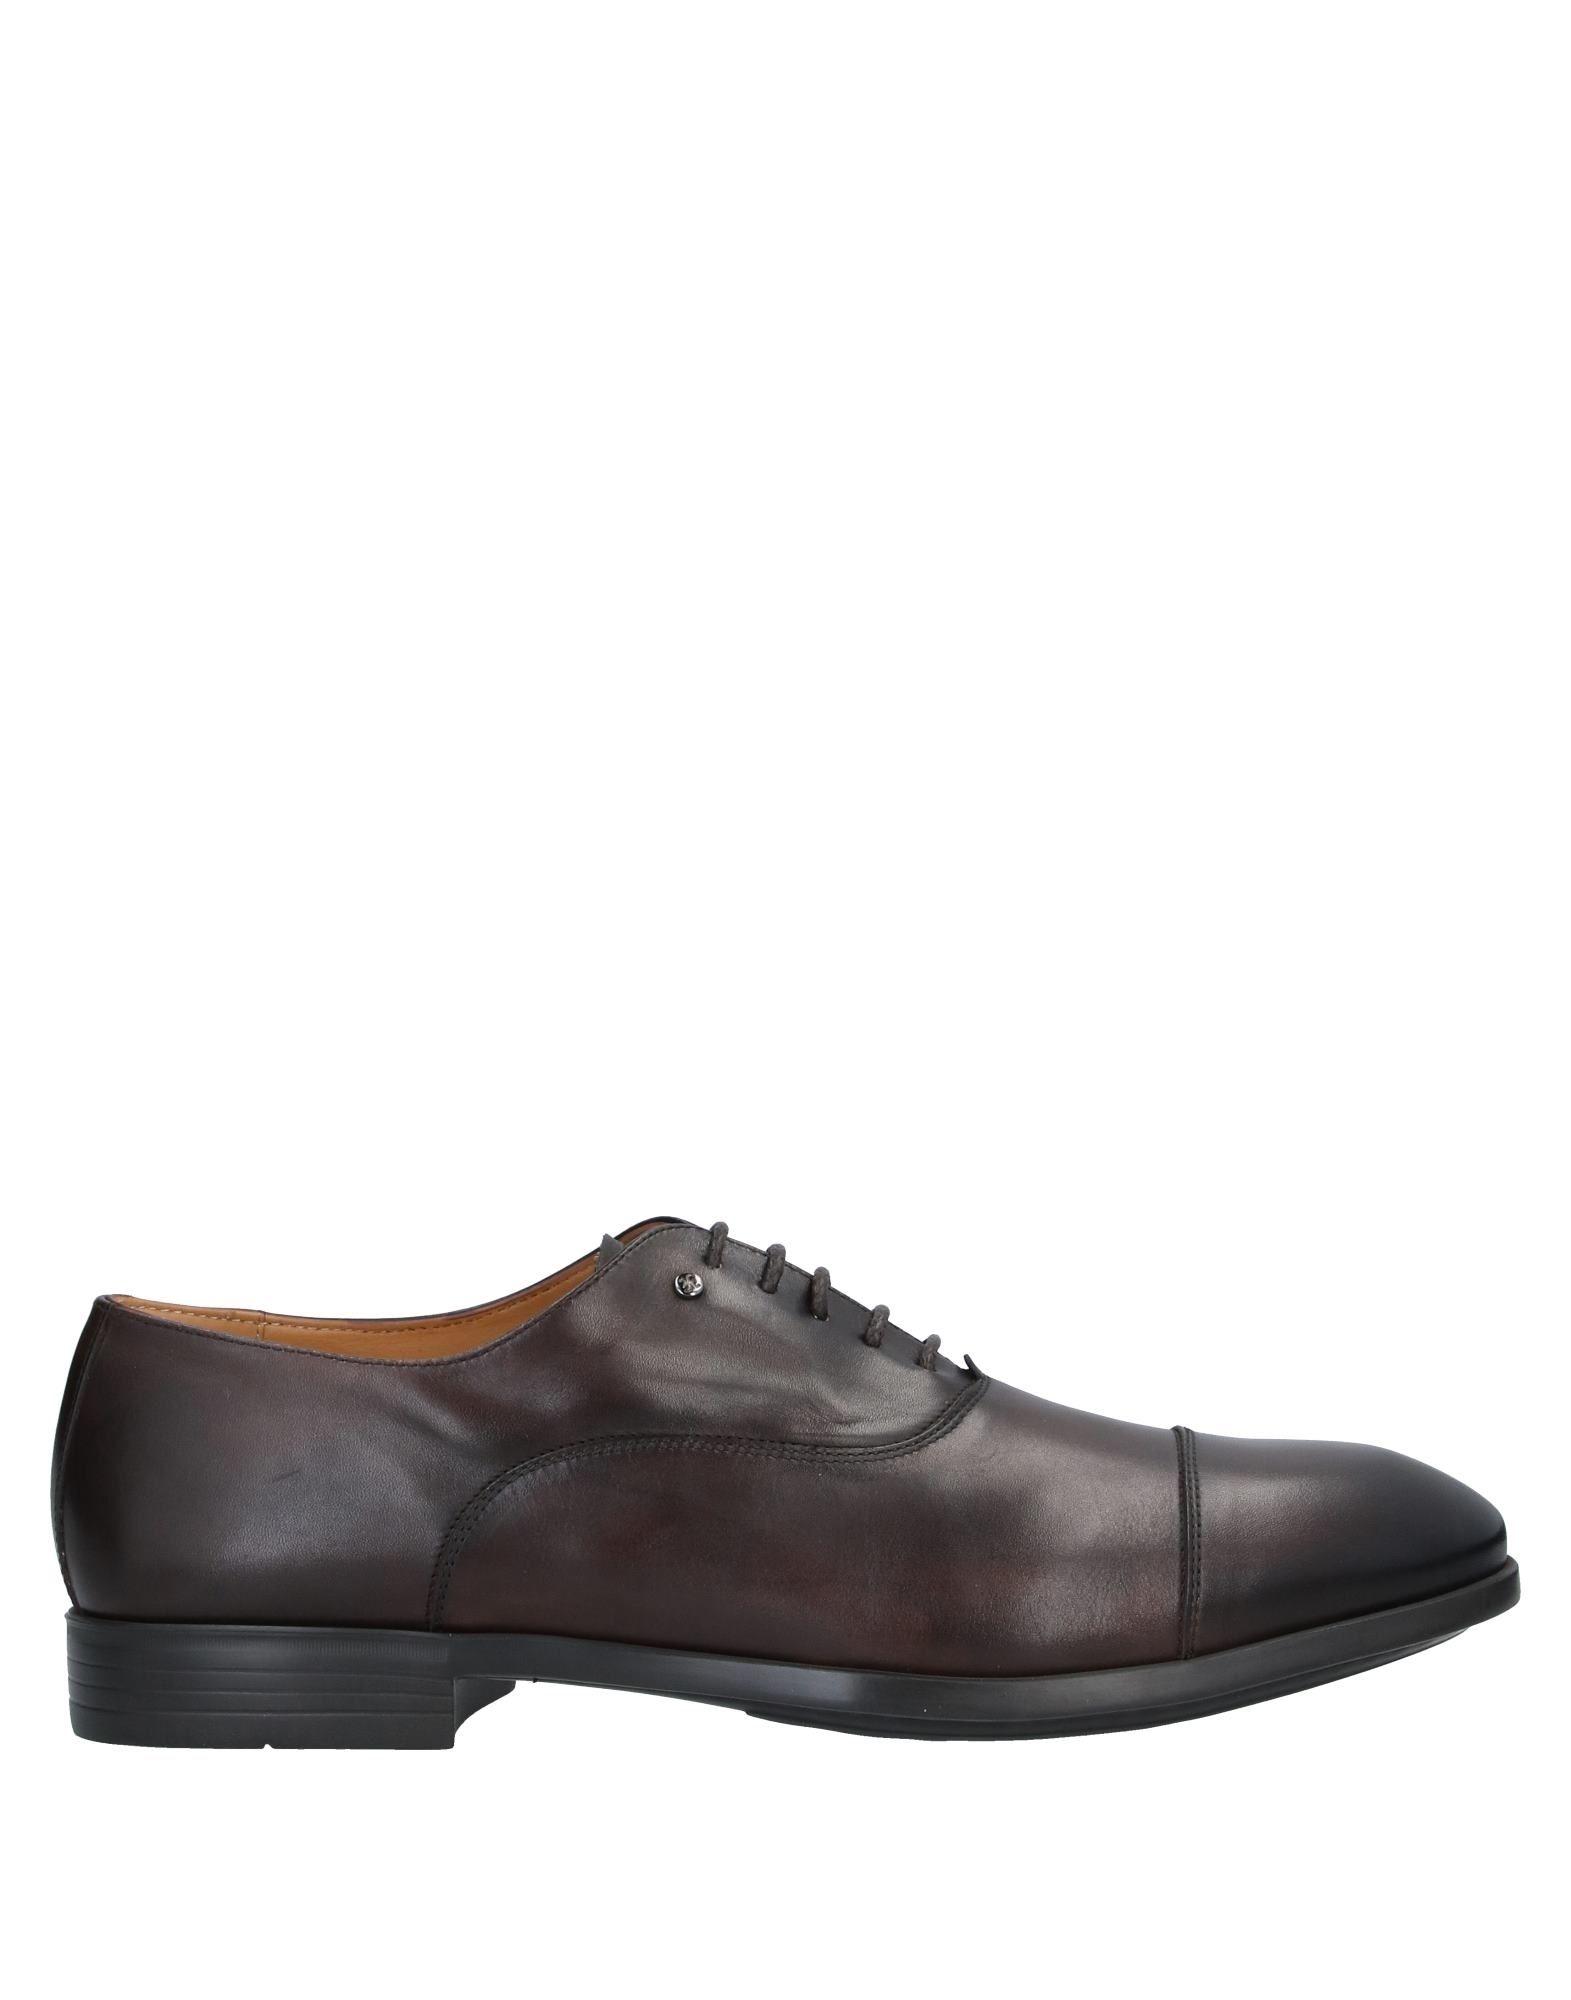 купить танцевальные туфли в екатеринбурге